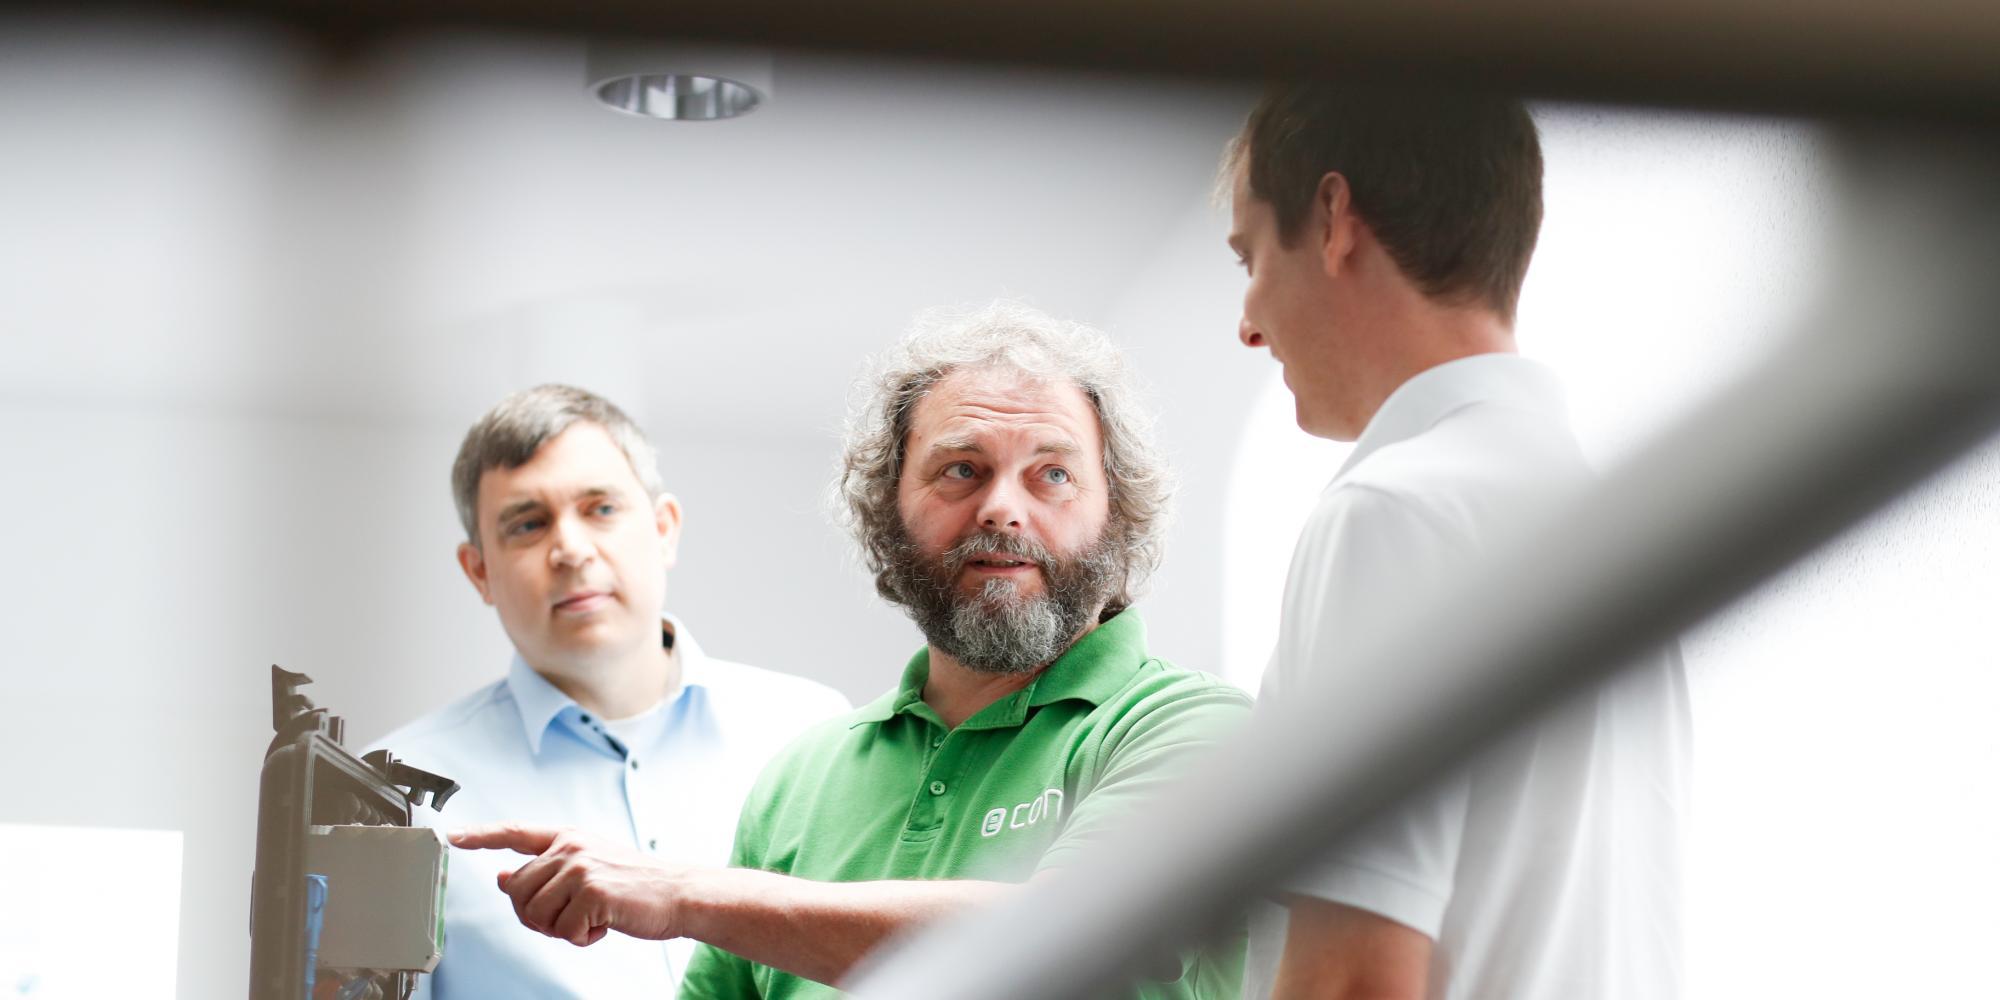 Techniker in Besprechung mit zwei Männern dabei ein Messkoffer